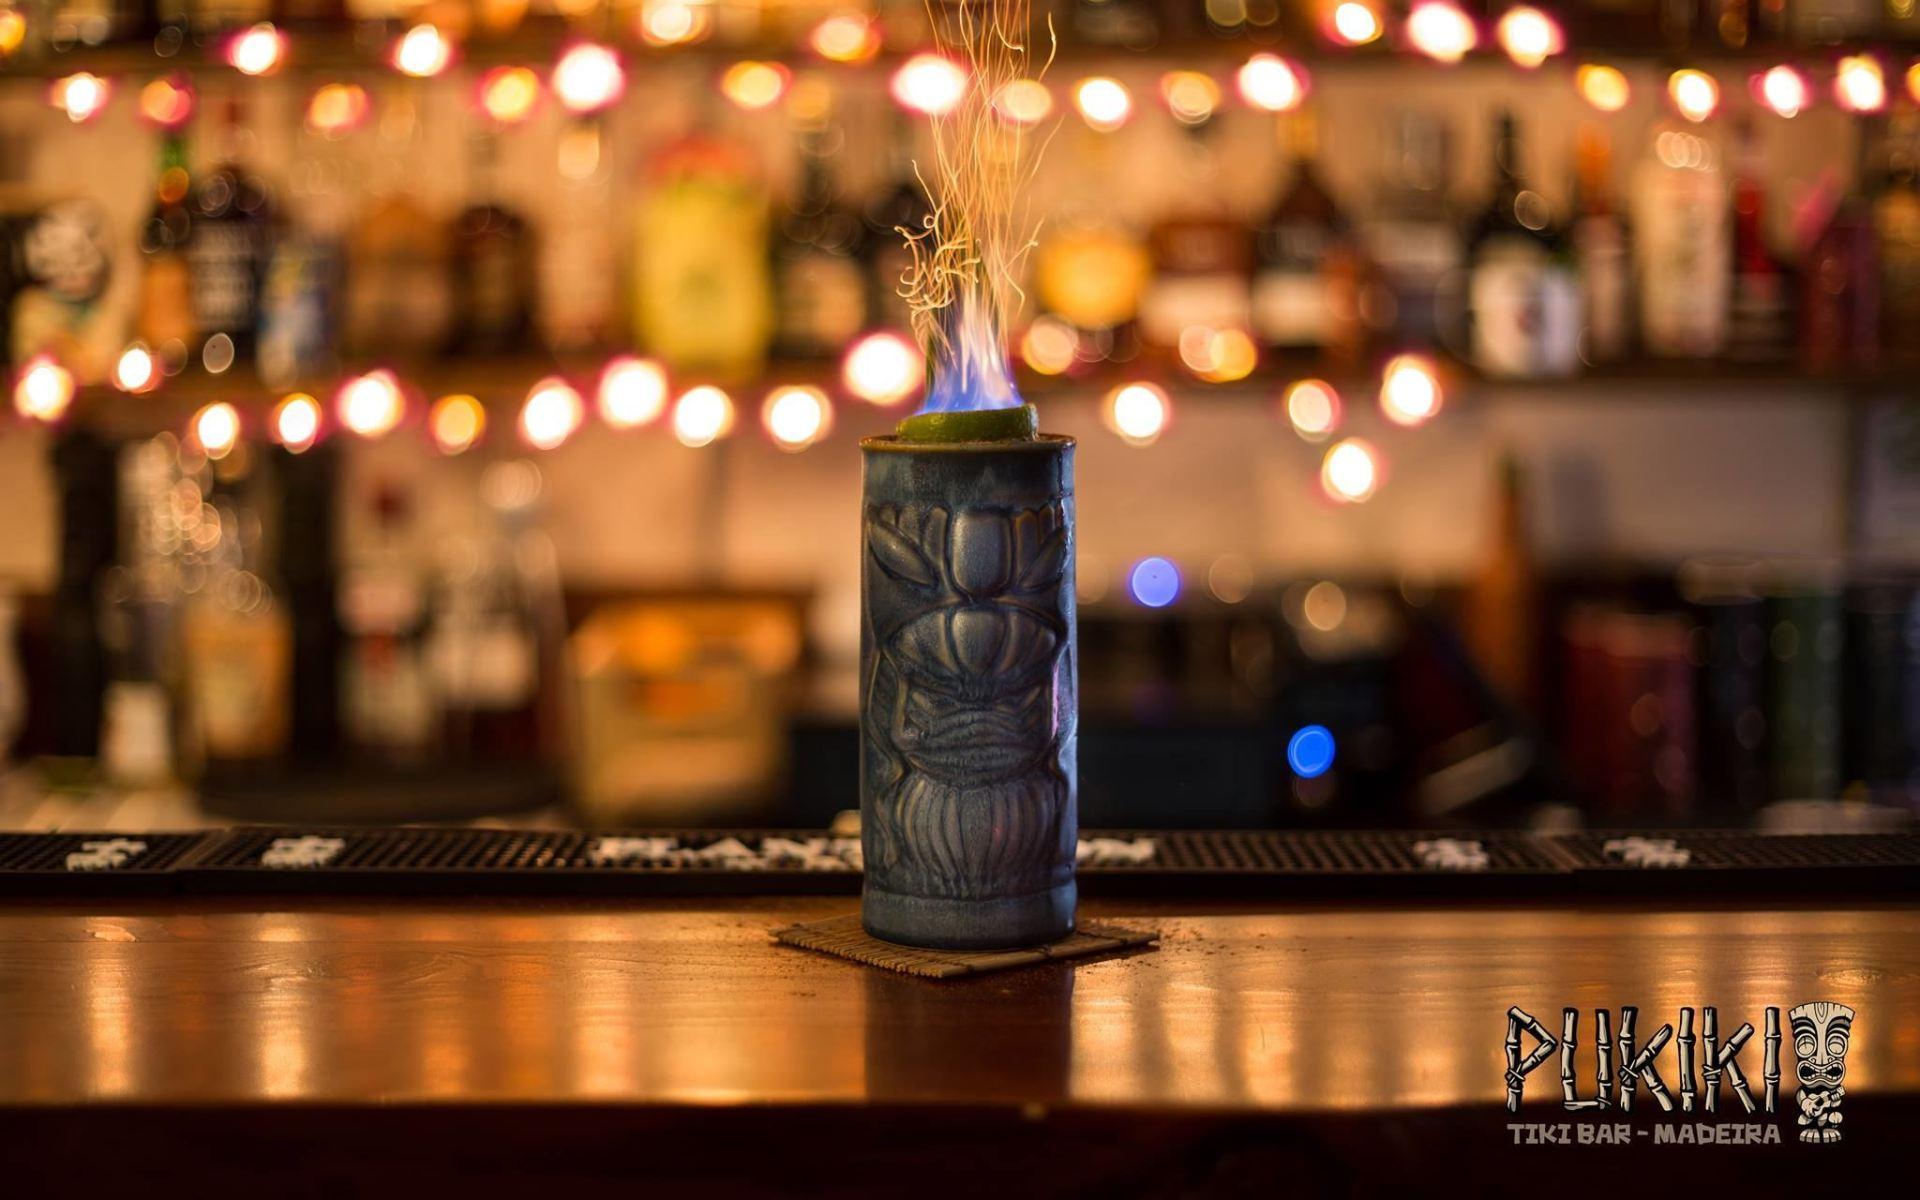 pukiki-drink